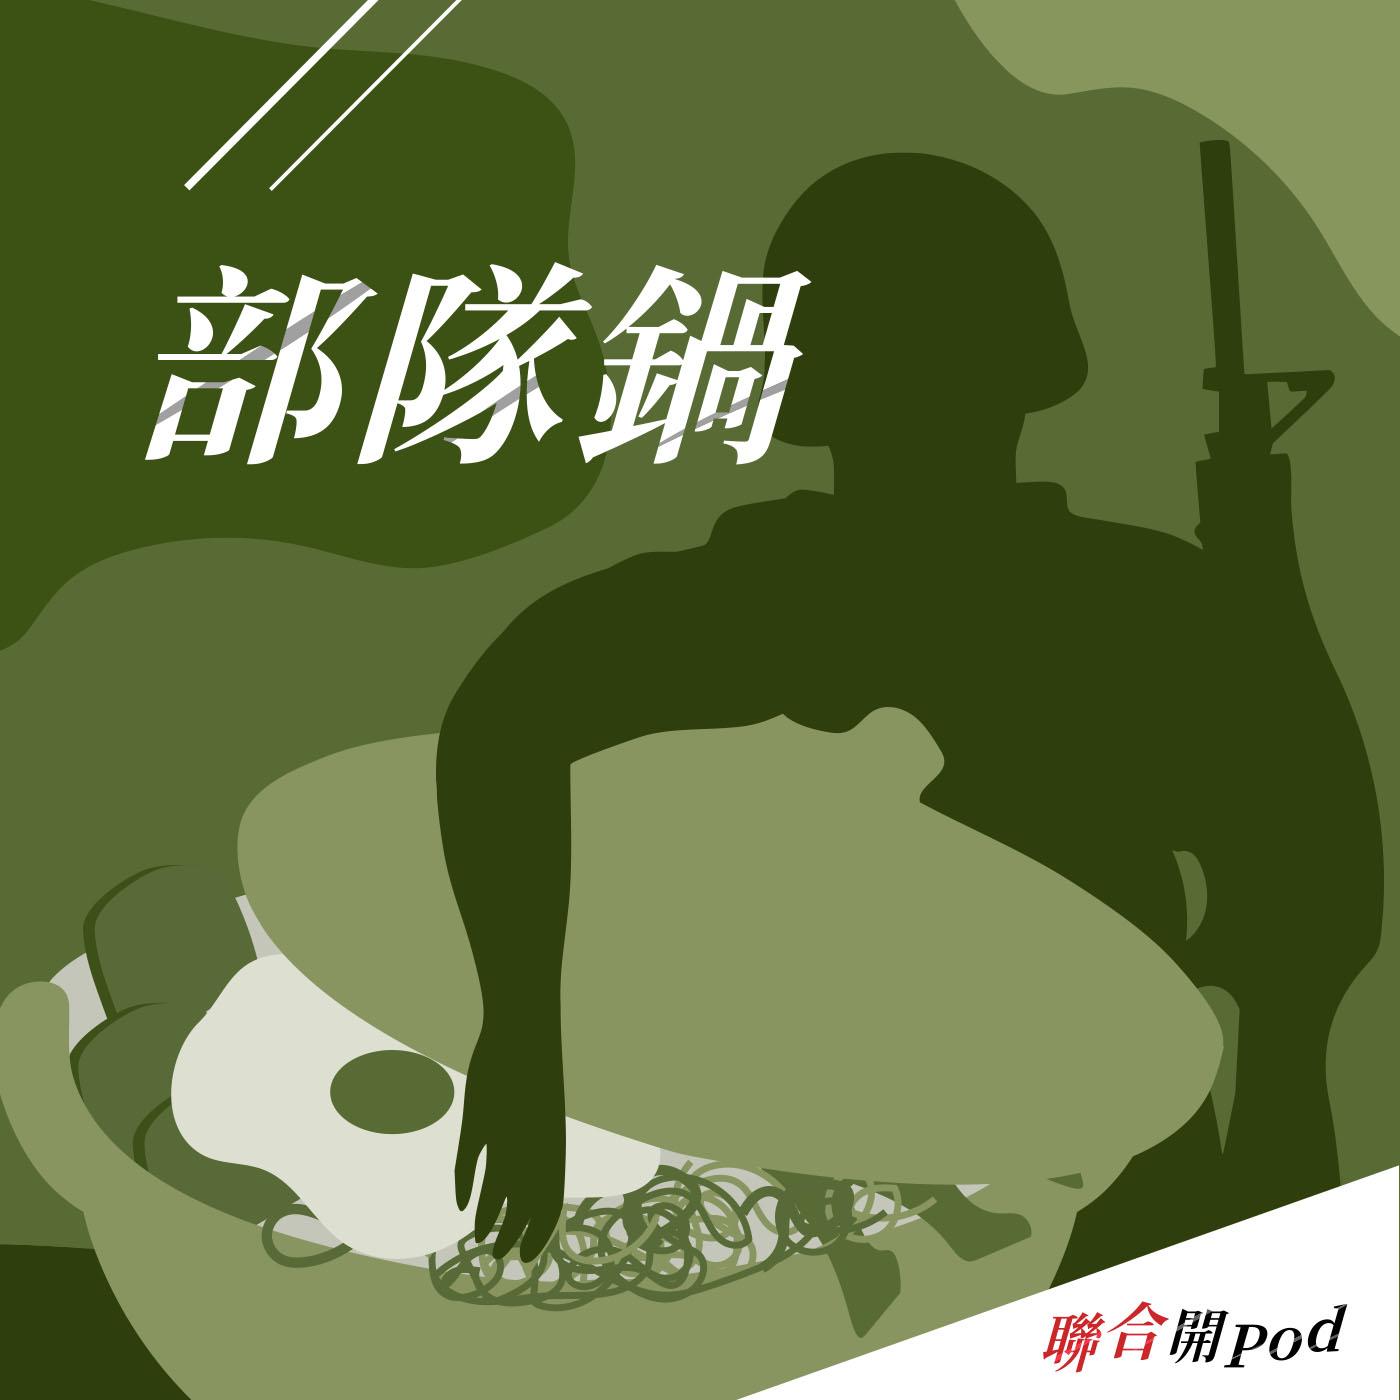 【部隊鍋】EP14 | 當戰機教官不能再痛罵學生吃XX 對訓練是好是壞? feat.飛行教官張世承